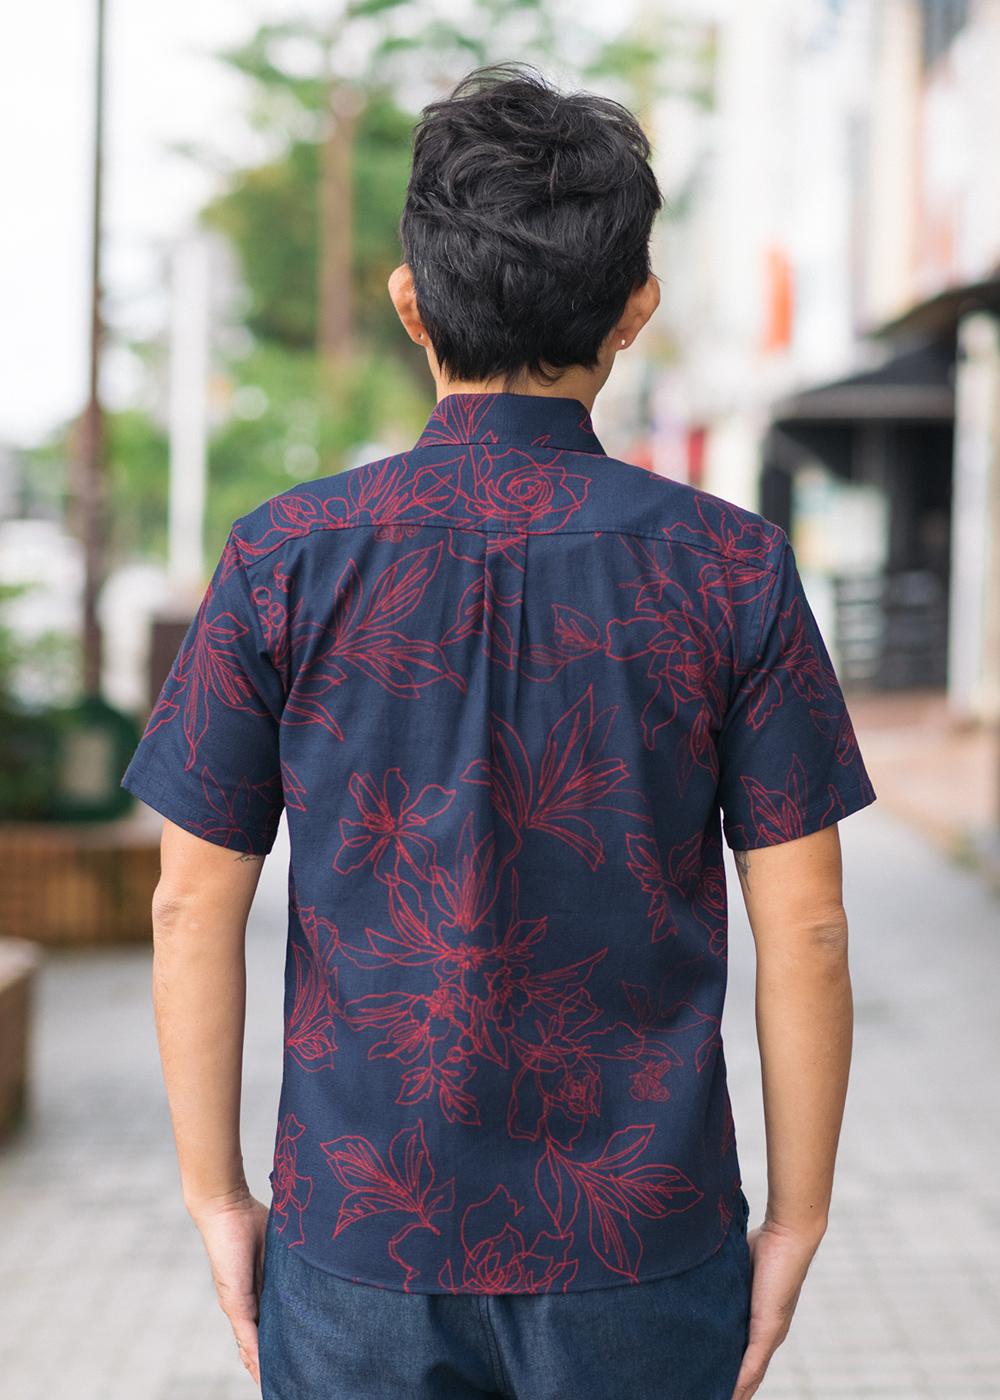 かりゆしウェア(沖縄版アロハシャツ) MAJUN - ガーデニアライン